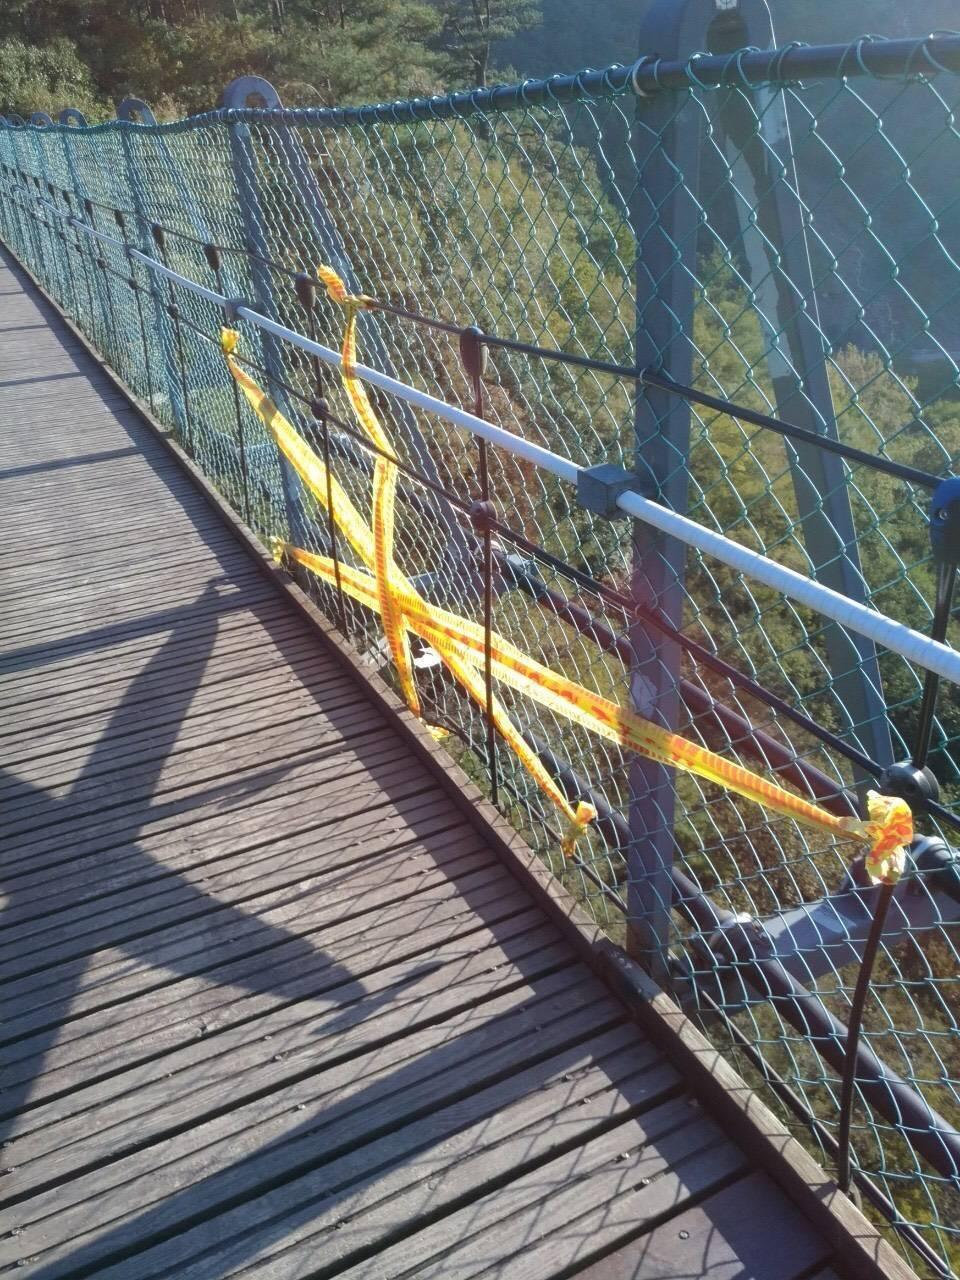 新北市一歲半許姓男童疑因重心不穩朝圍網倒去,造成圍網與橋面間縫隙變大,因此踩空墜...